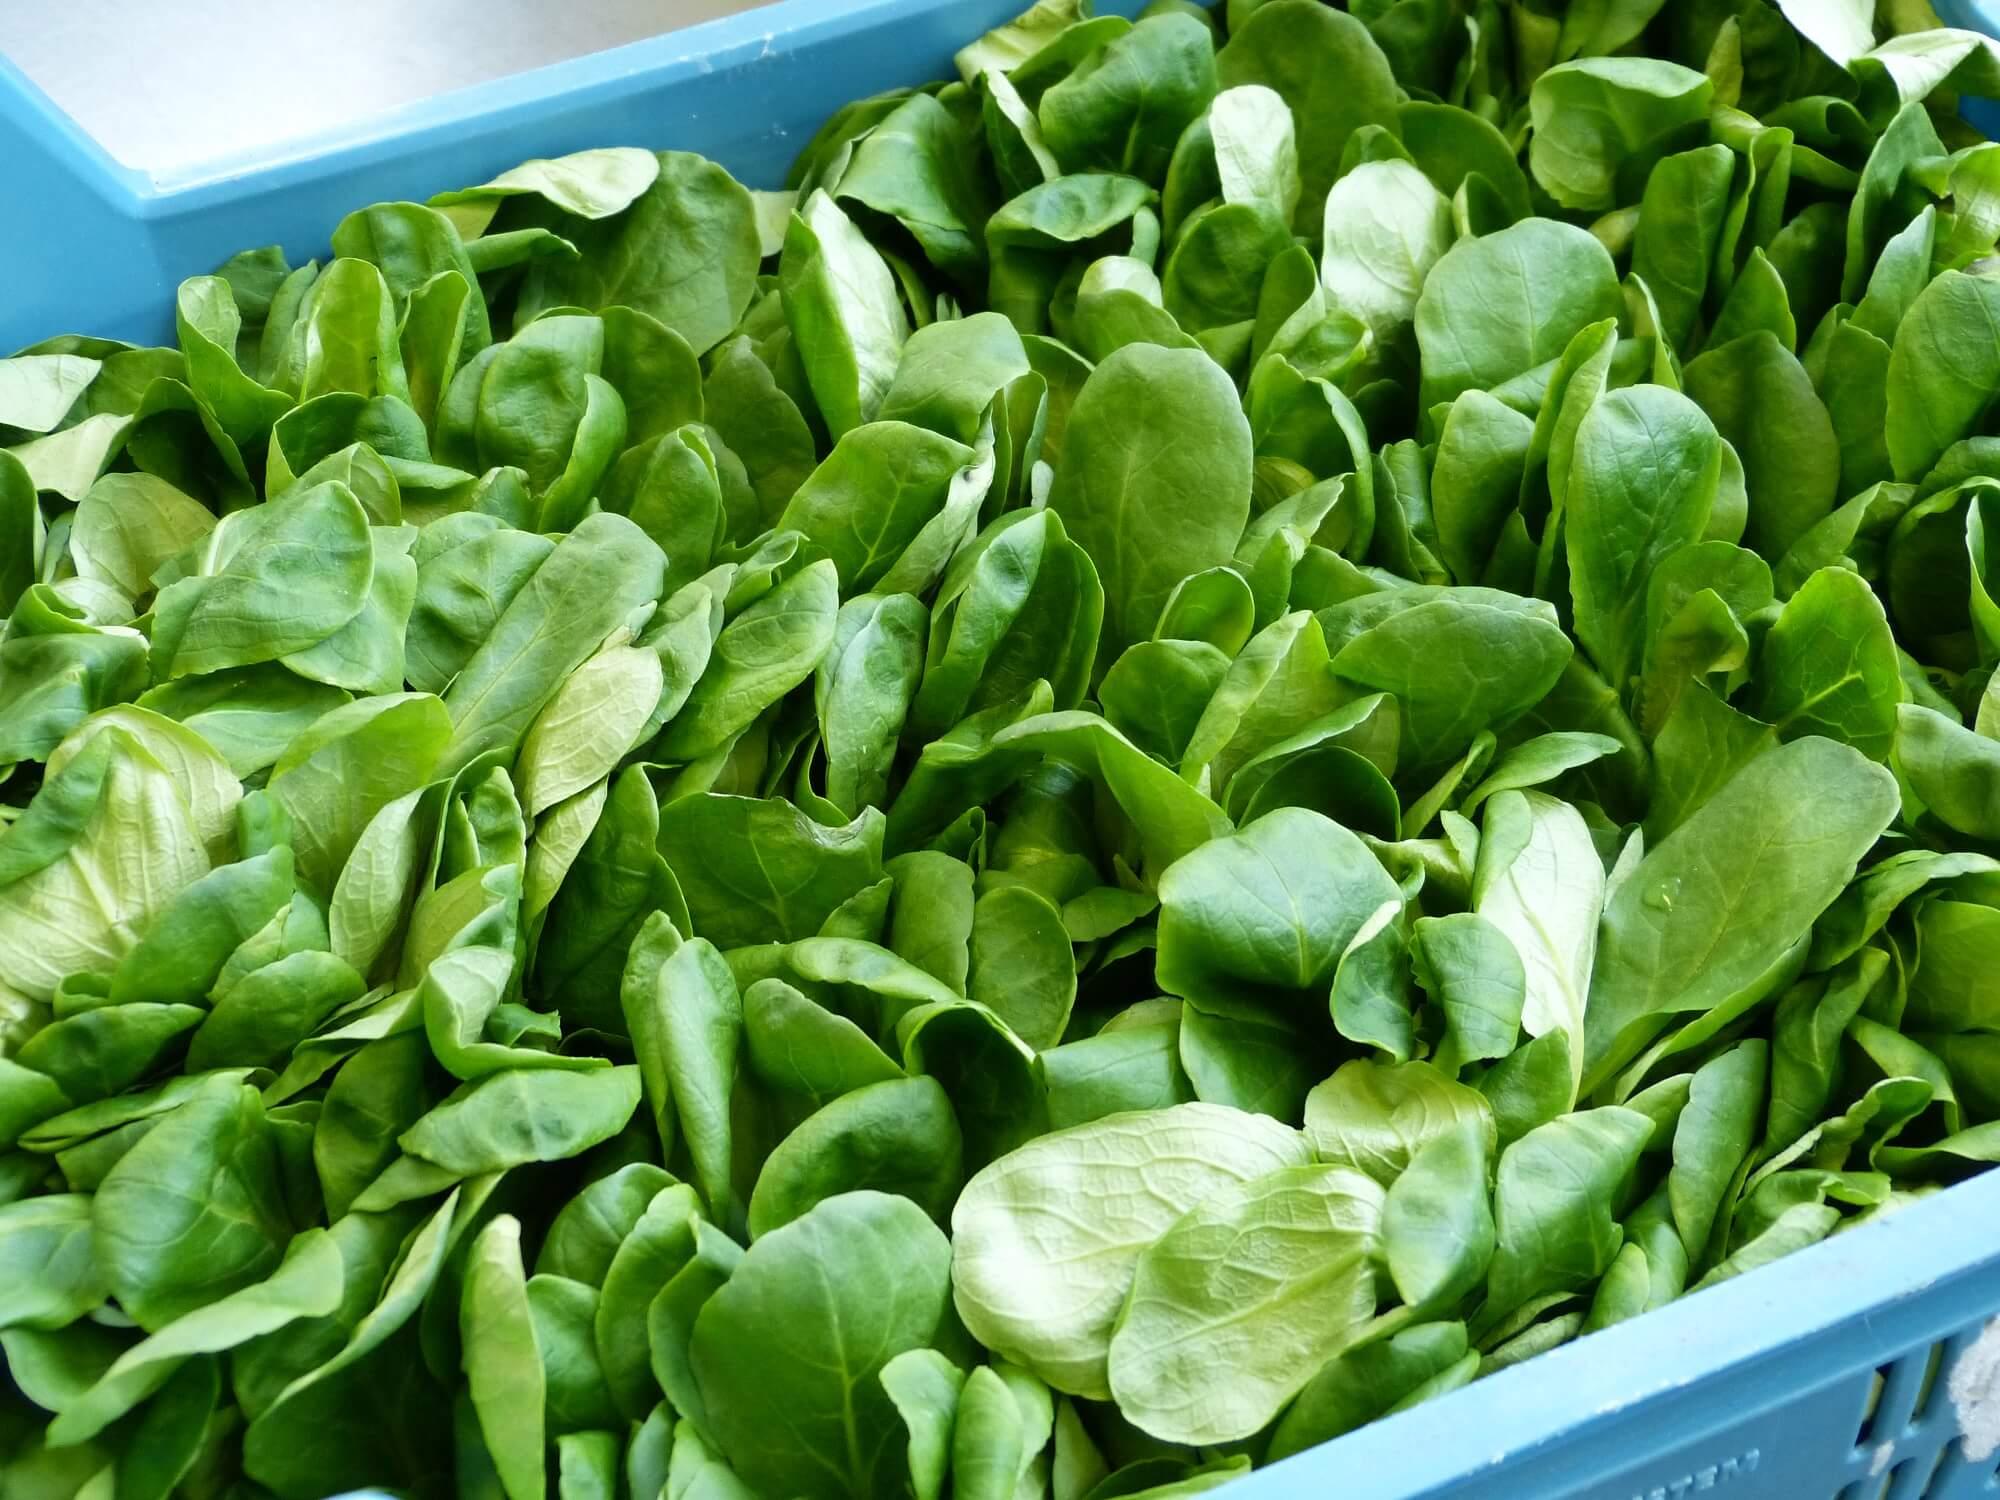 Feldsalat in einem blauen Korb